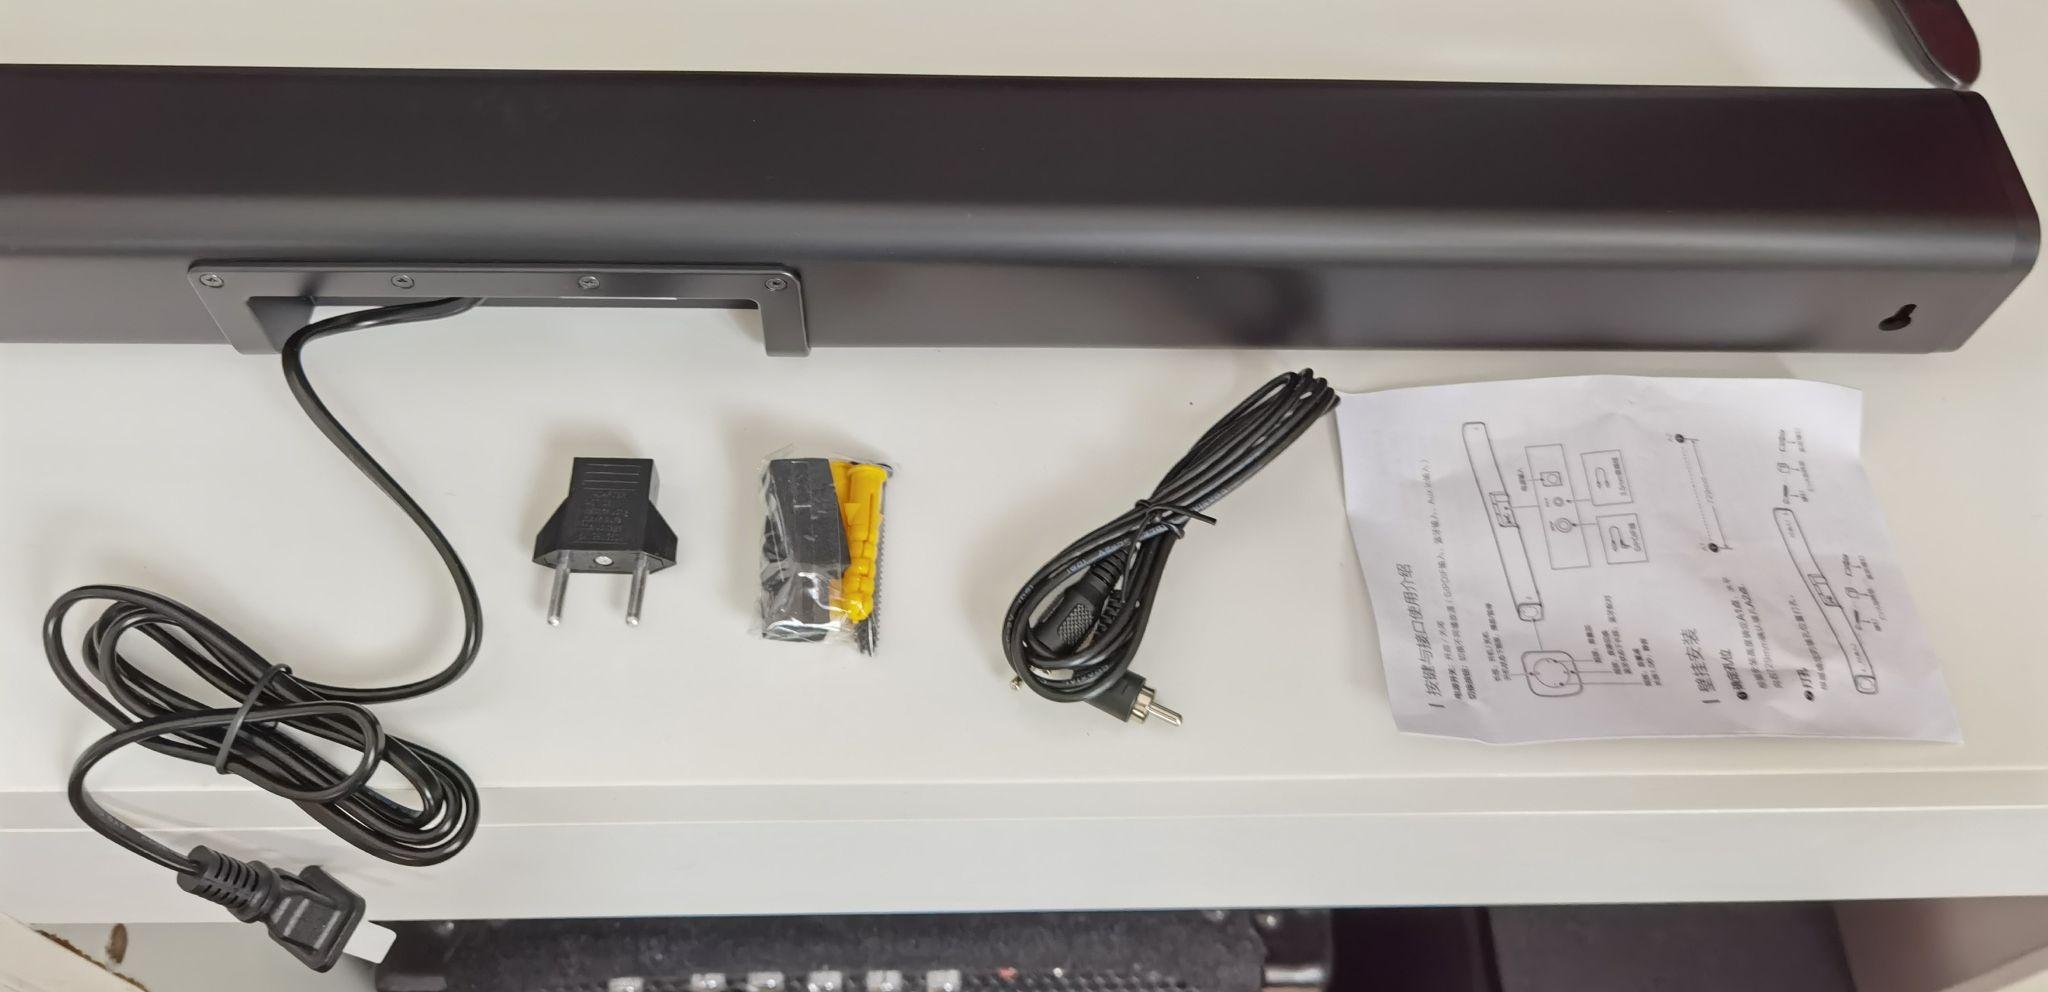 محصول شیائومی - xiaomi اسپیکر ساندبار شیائومی Redmi 30W مدل MDZ-34-DA